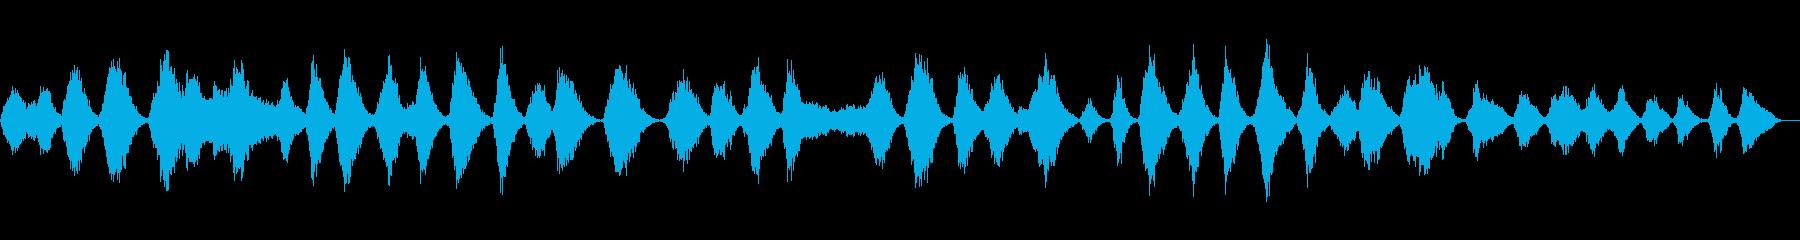 重たい金属を引きずるようなホラー環境音の再生済みの波形